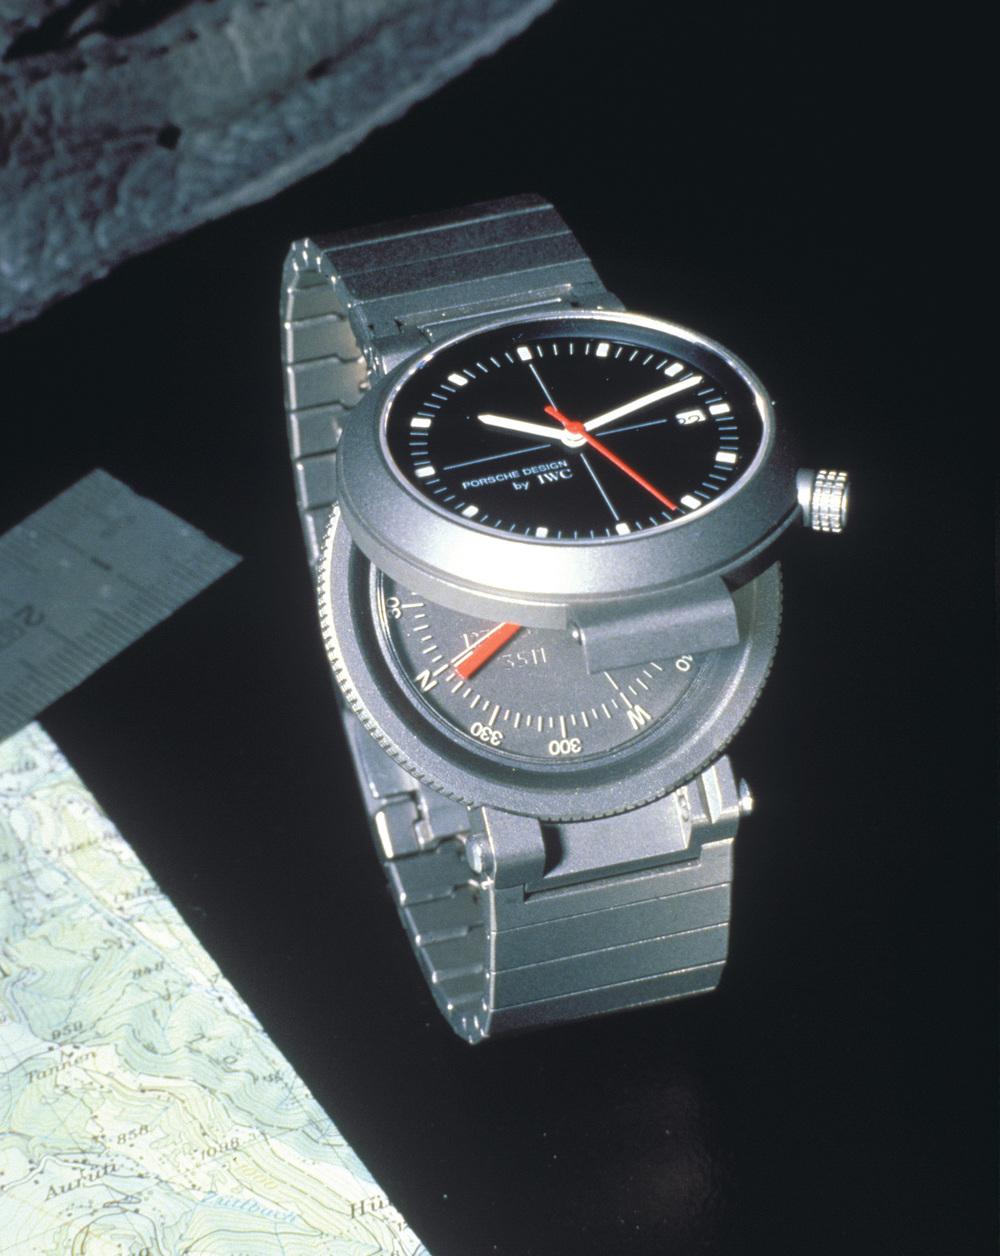 Porsche Design Compass Watch (1978)